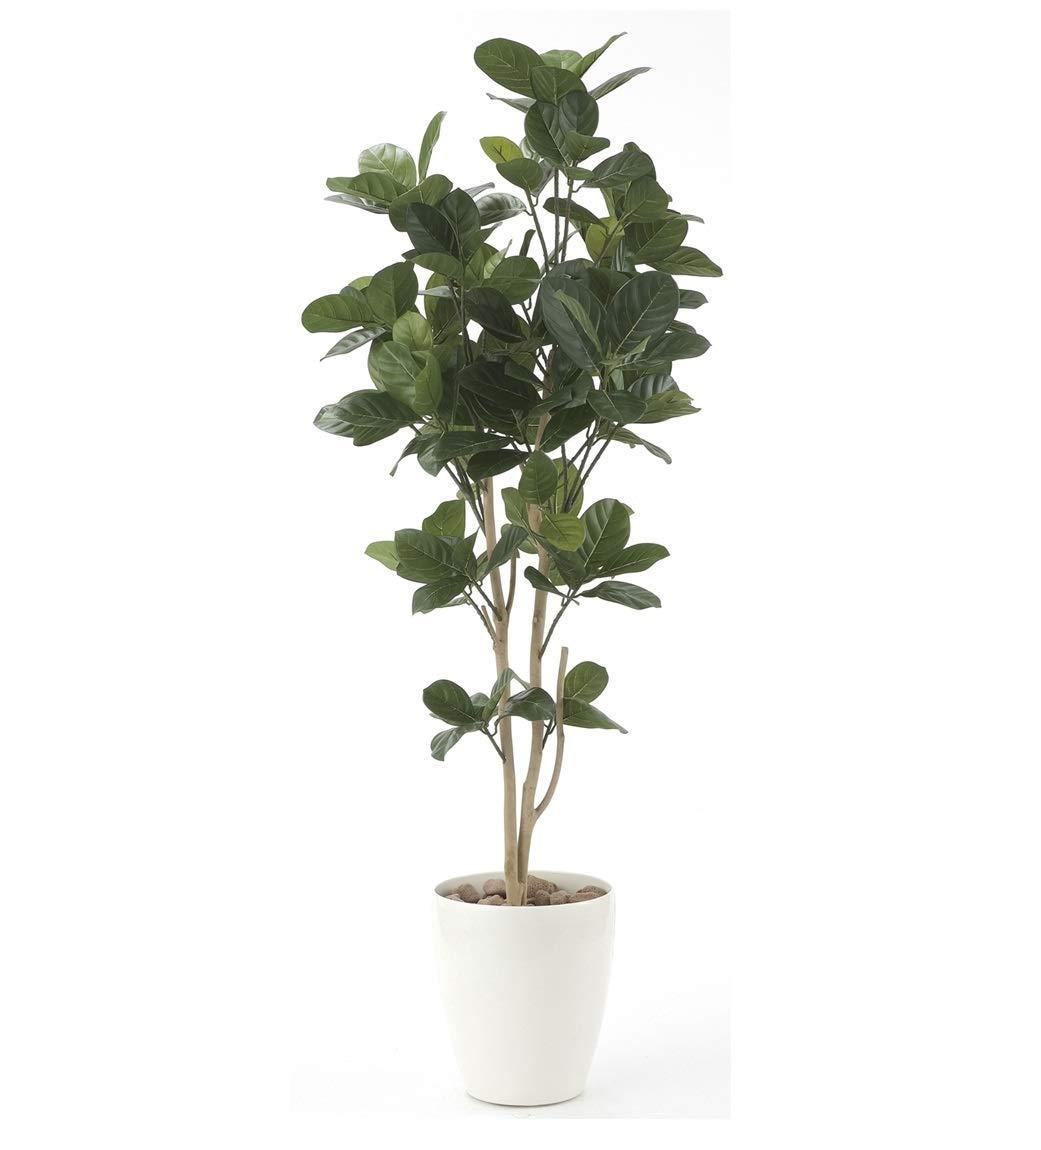 オフィスのエントランス廊下や、お店のアクセントに人工観葉植物 光触媒 光の楽園 パンの木1.25m B07SQVGCDG